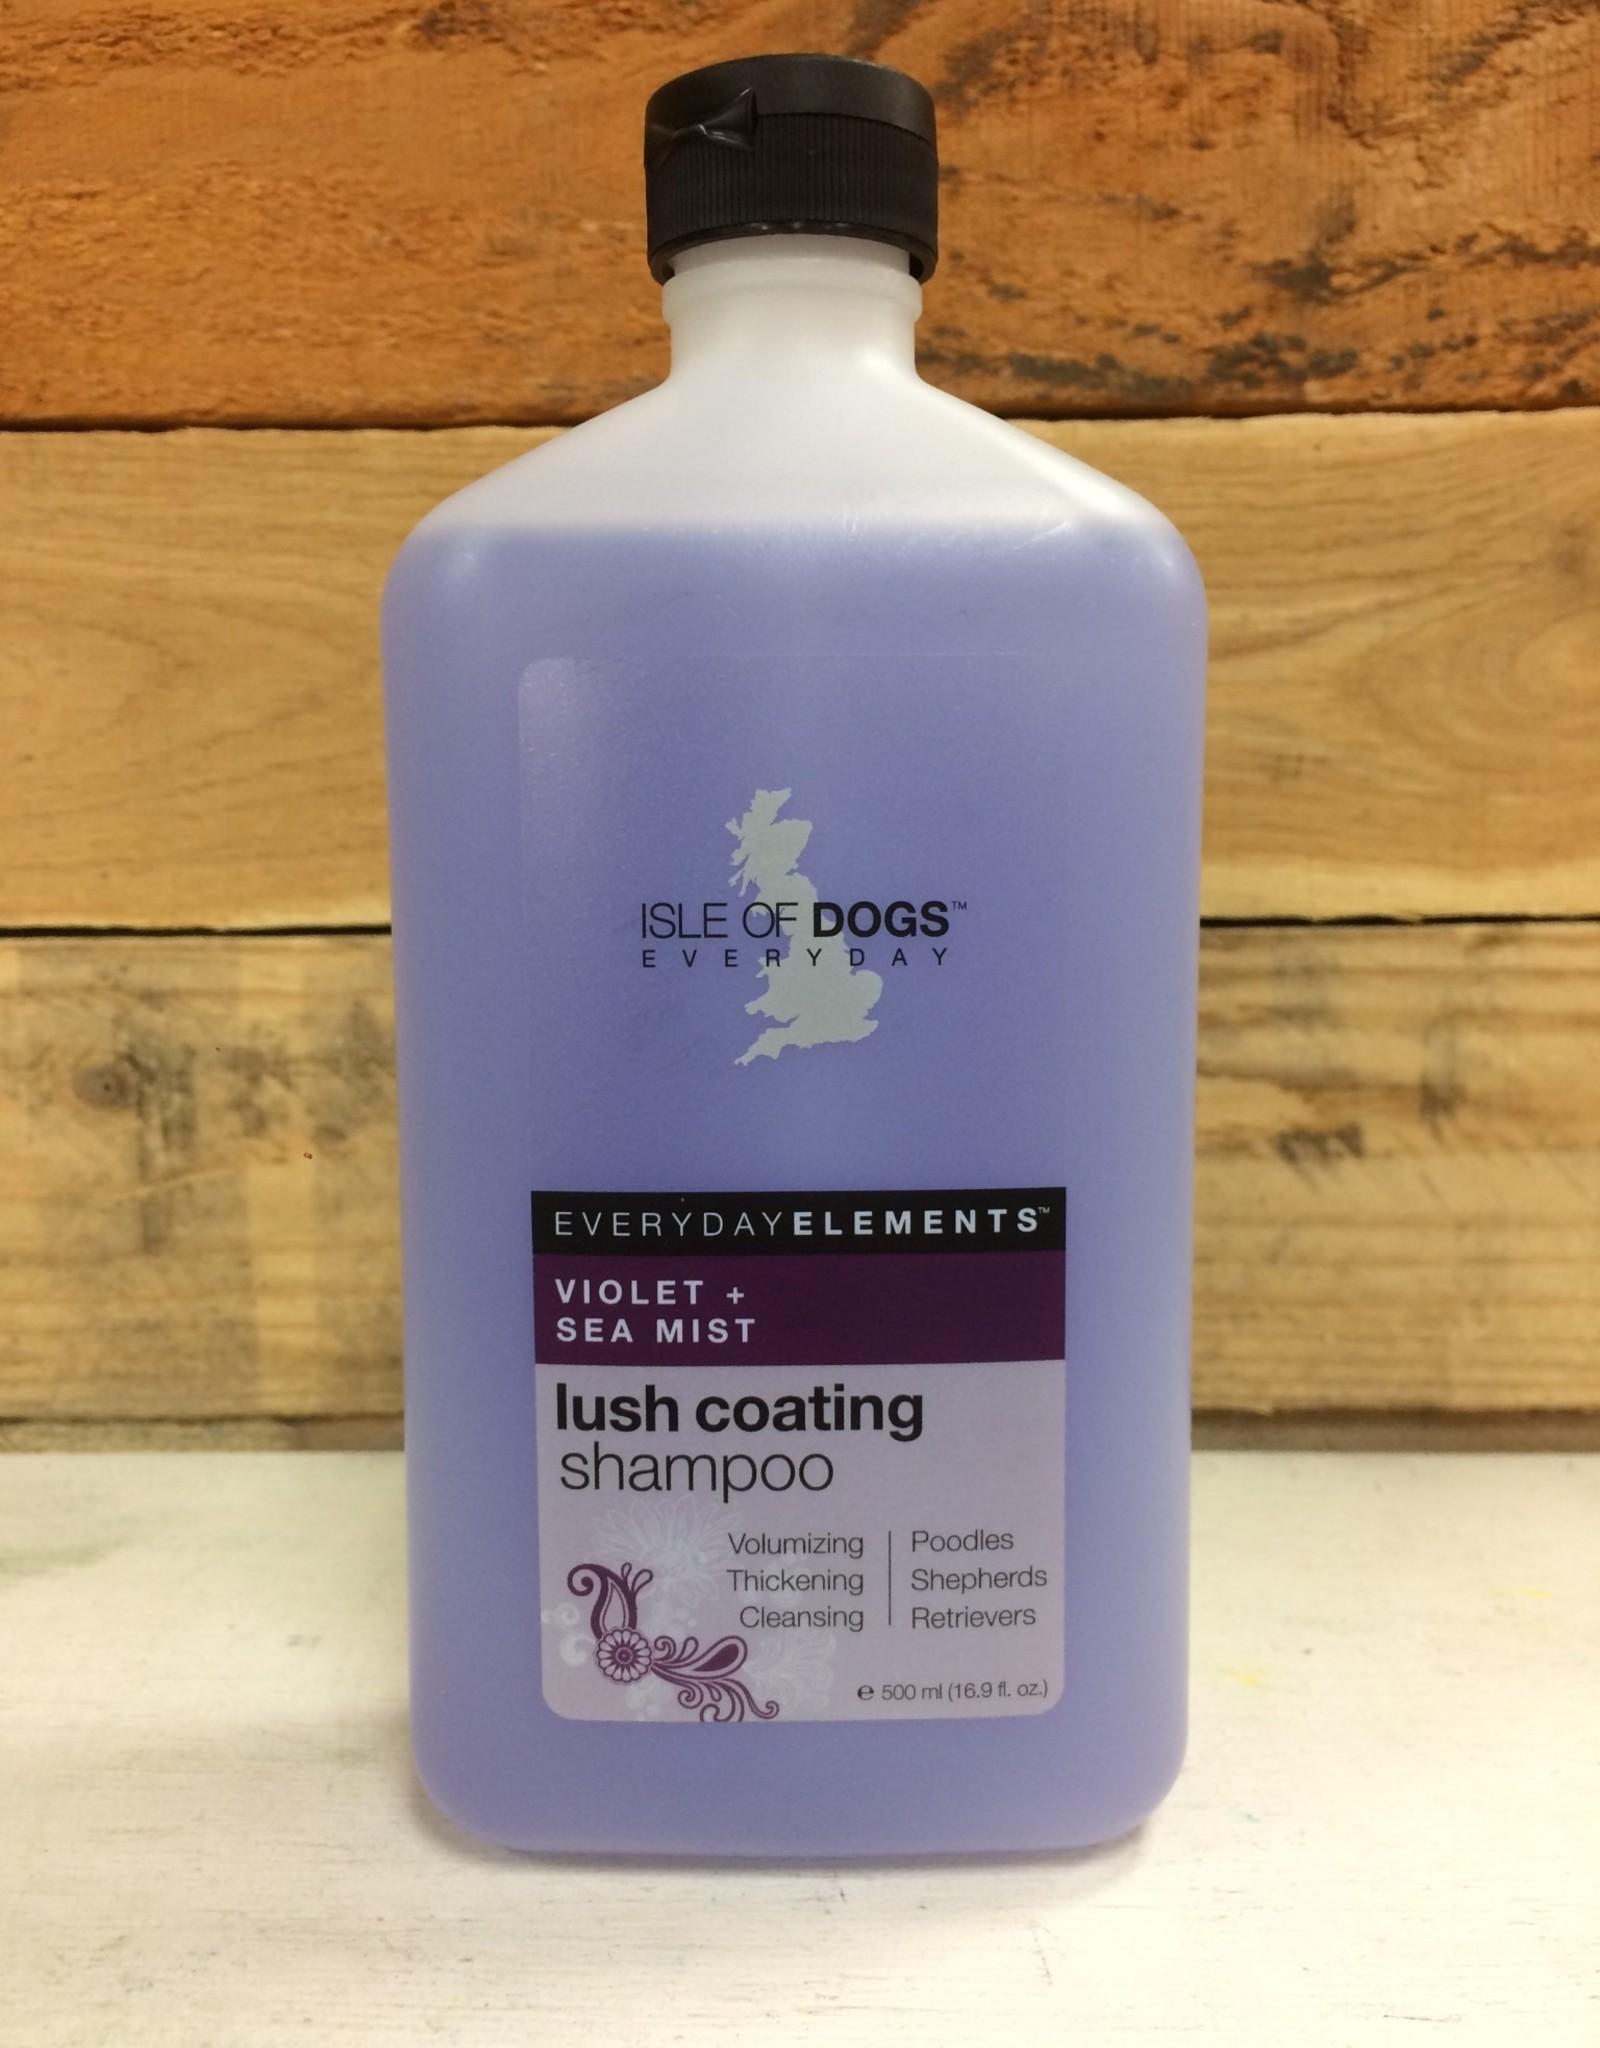 ISLE OF DOGS violet sea mist shampoo 16oz